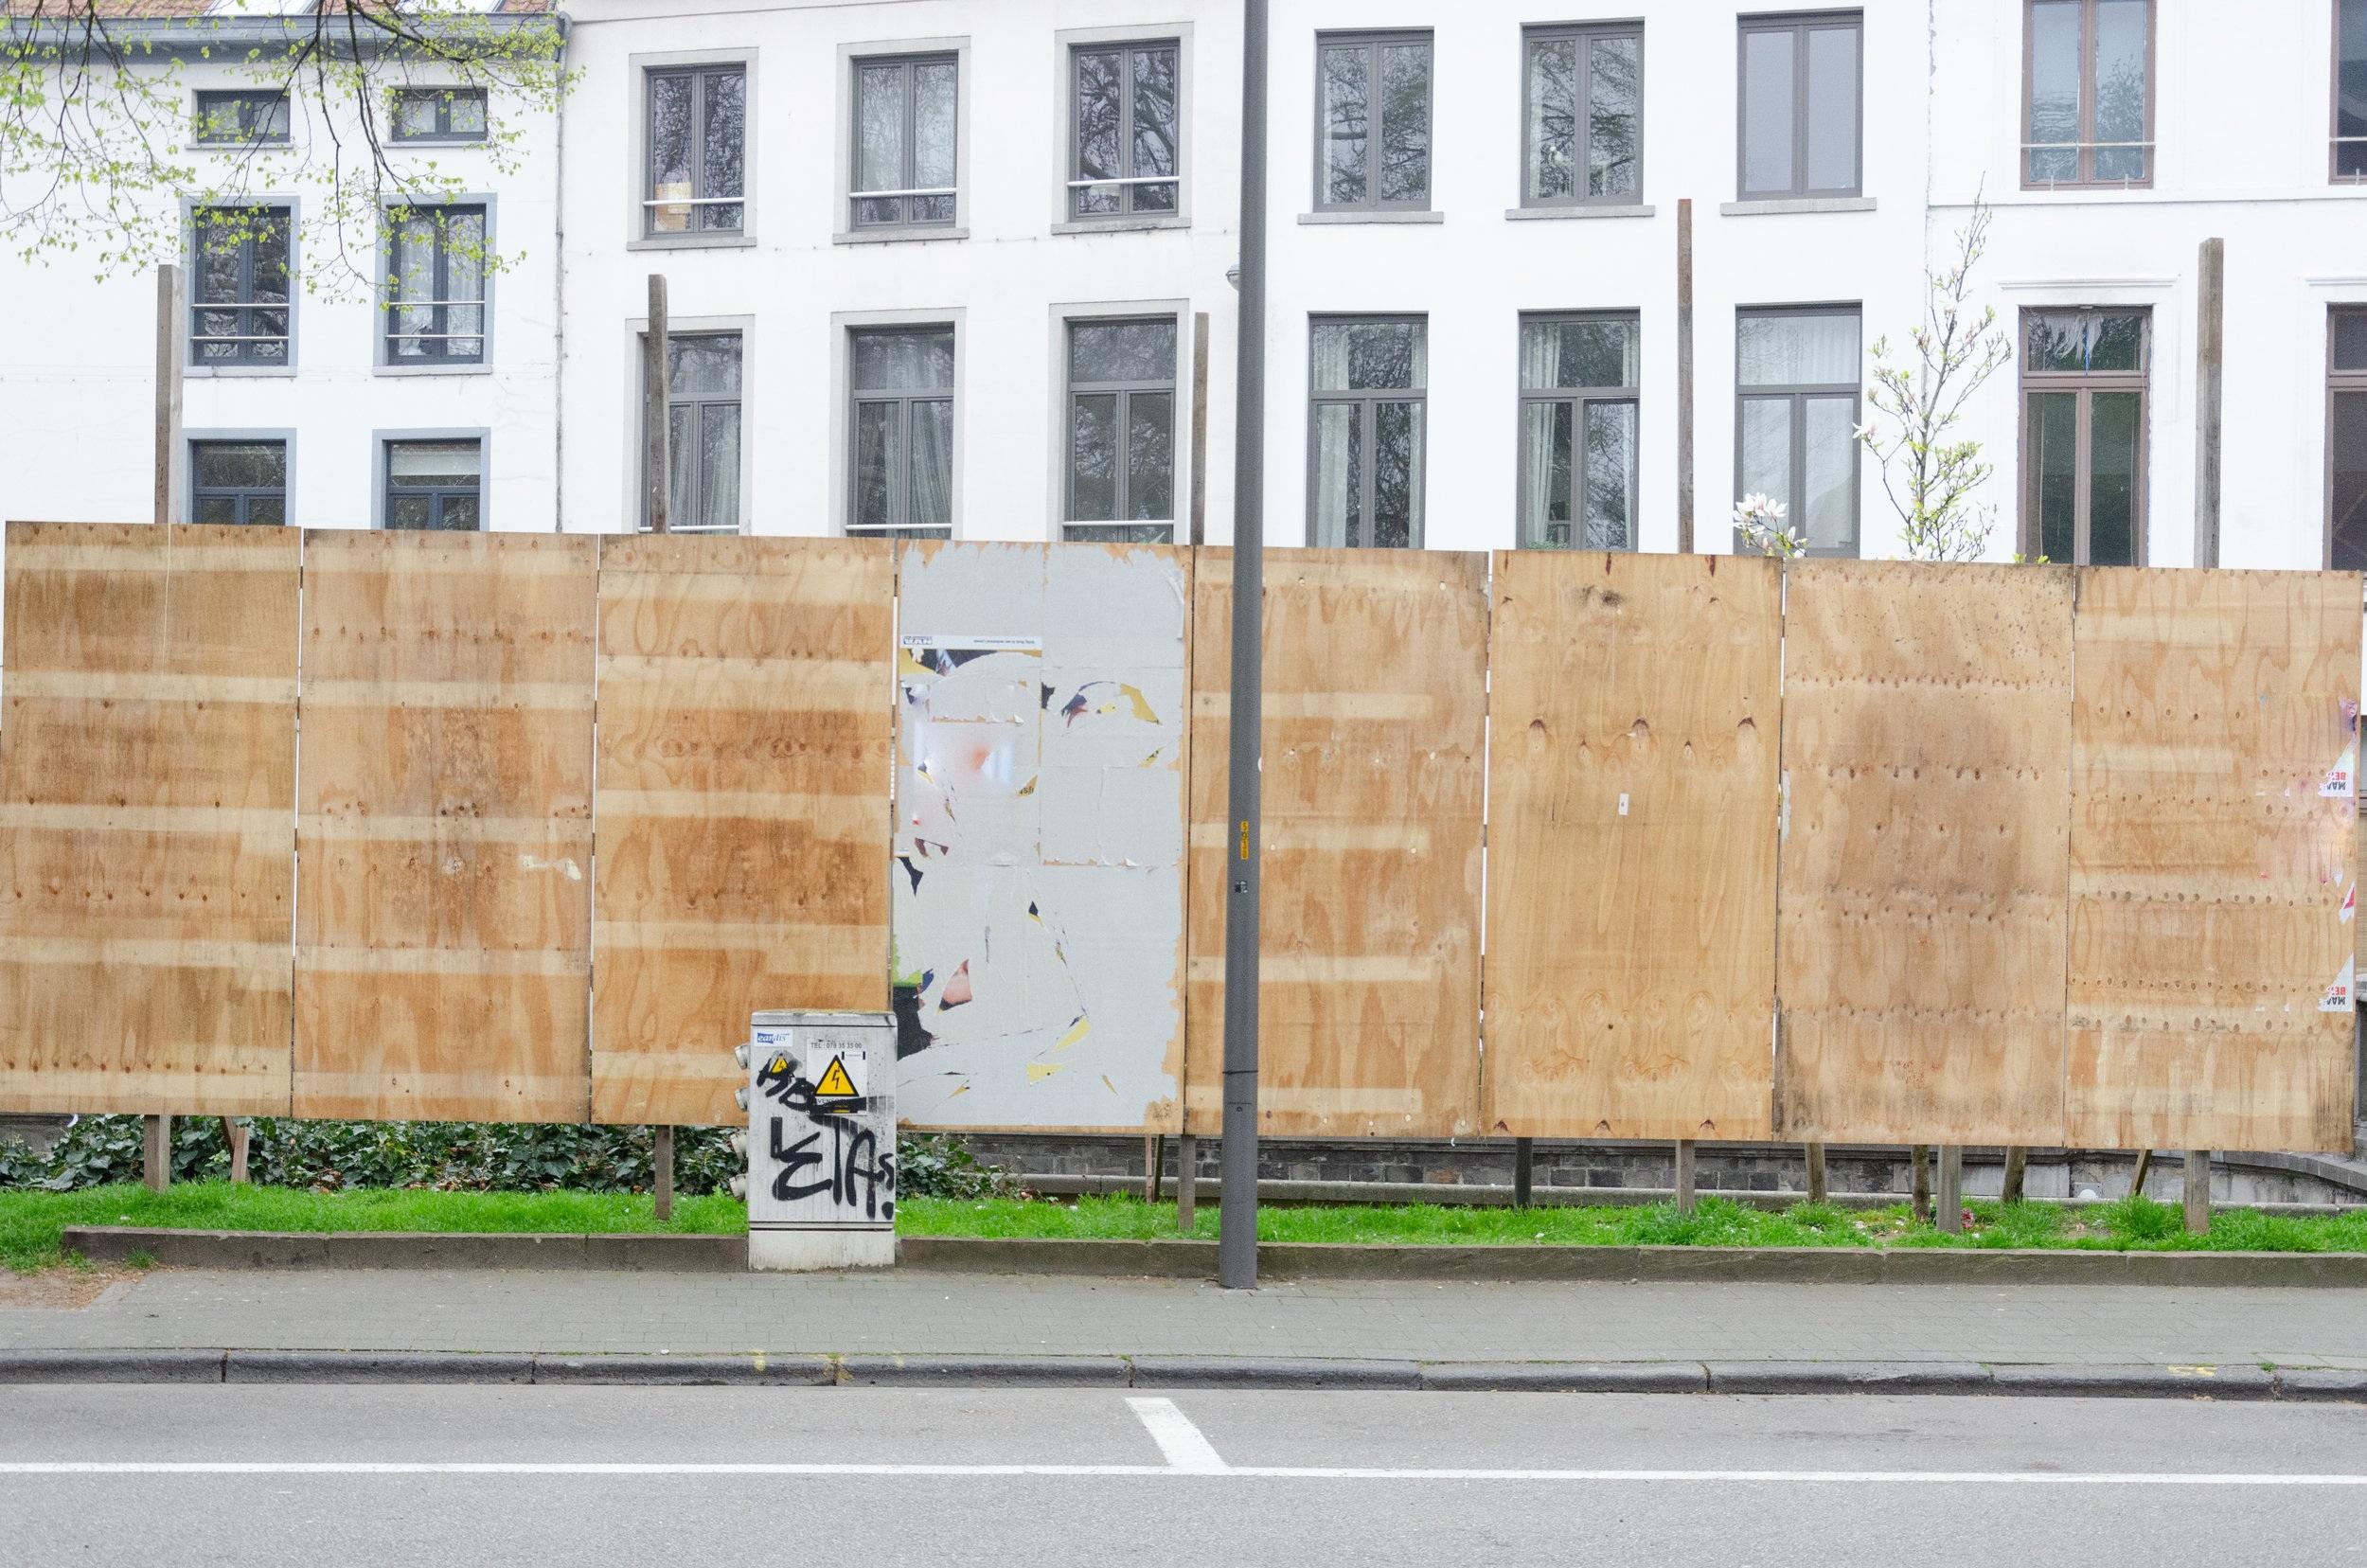 Frauke_Verkiezing-5.jpg